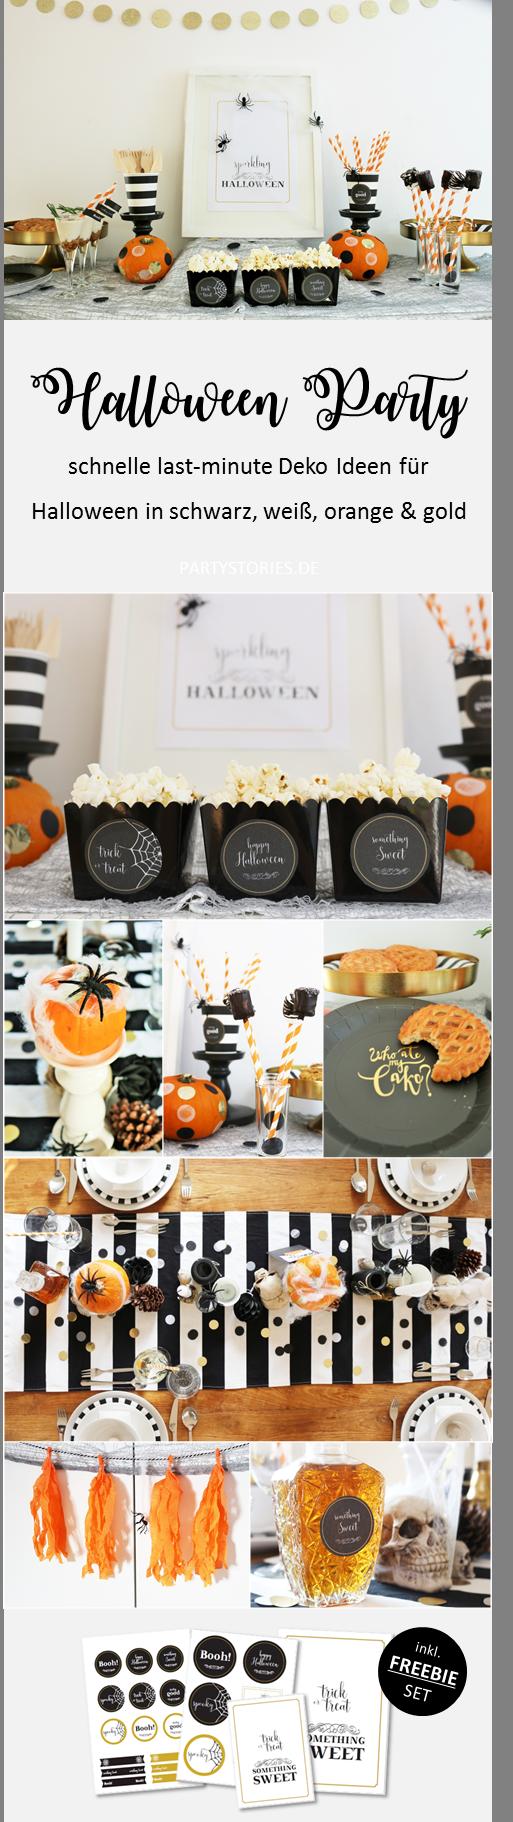 Bild: last-minute Halloween Deko Ideen in schwarz, weiß, orange und gold, ganz einfach mit dem Freebie basteln, gefunden auf Partystories.de